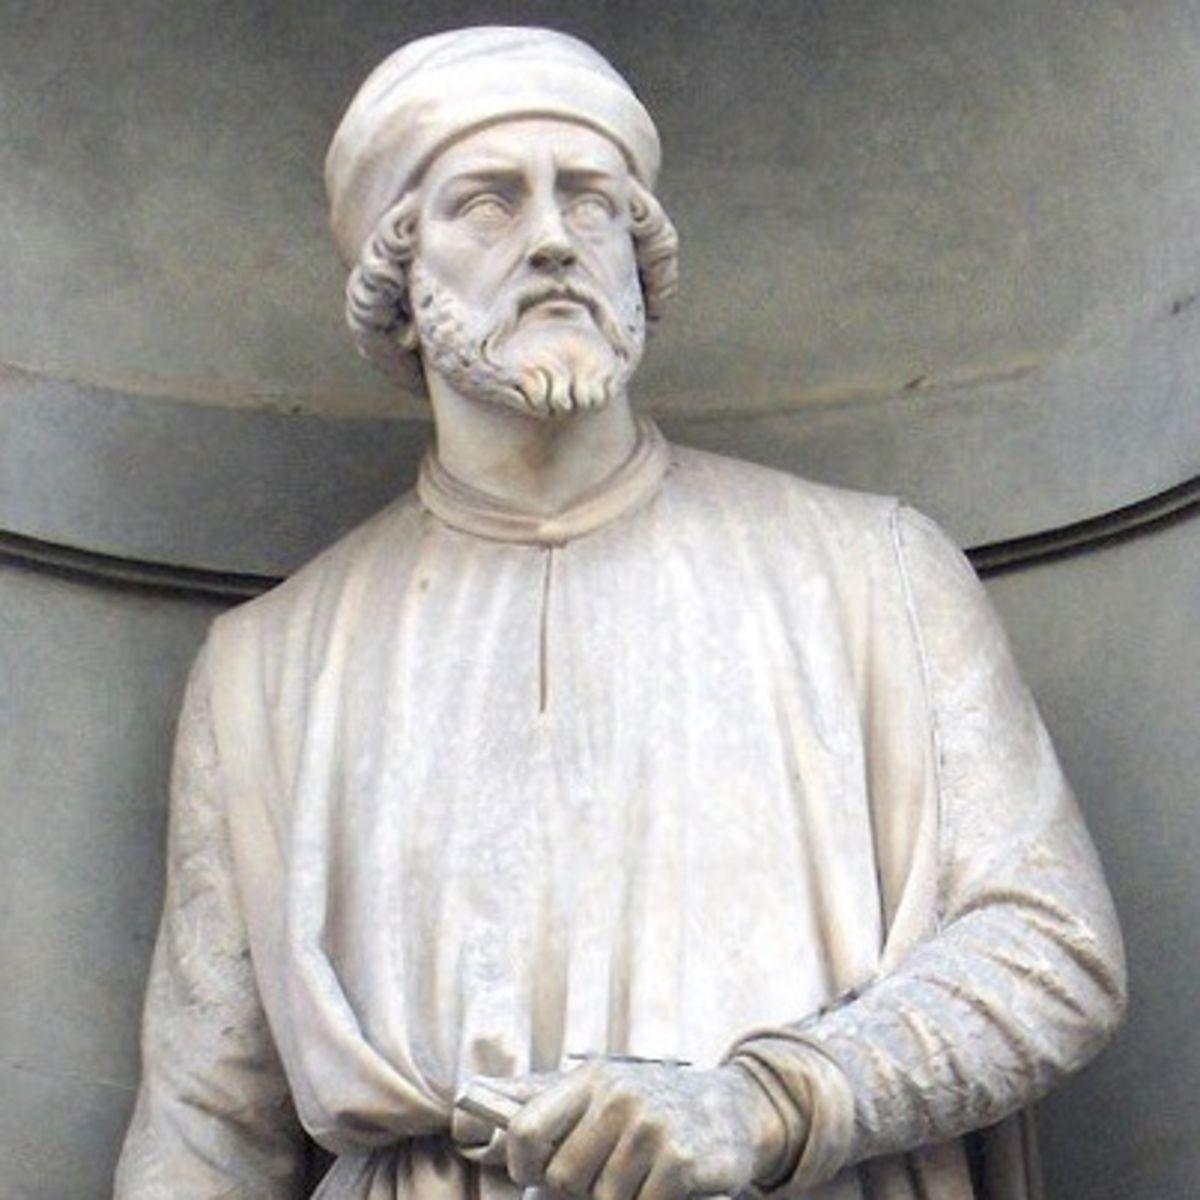 the early life and famous statues of donato di niccol di betto bardi Donatello (donato di niccolò di betto bardi) (1386 - december 13, 1466) was a famous florentine artist and sculptor of the early renaissance.